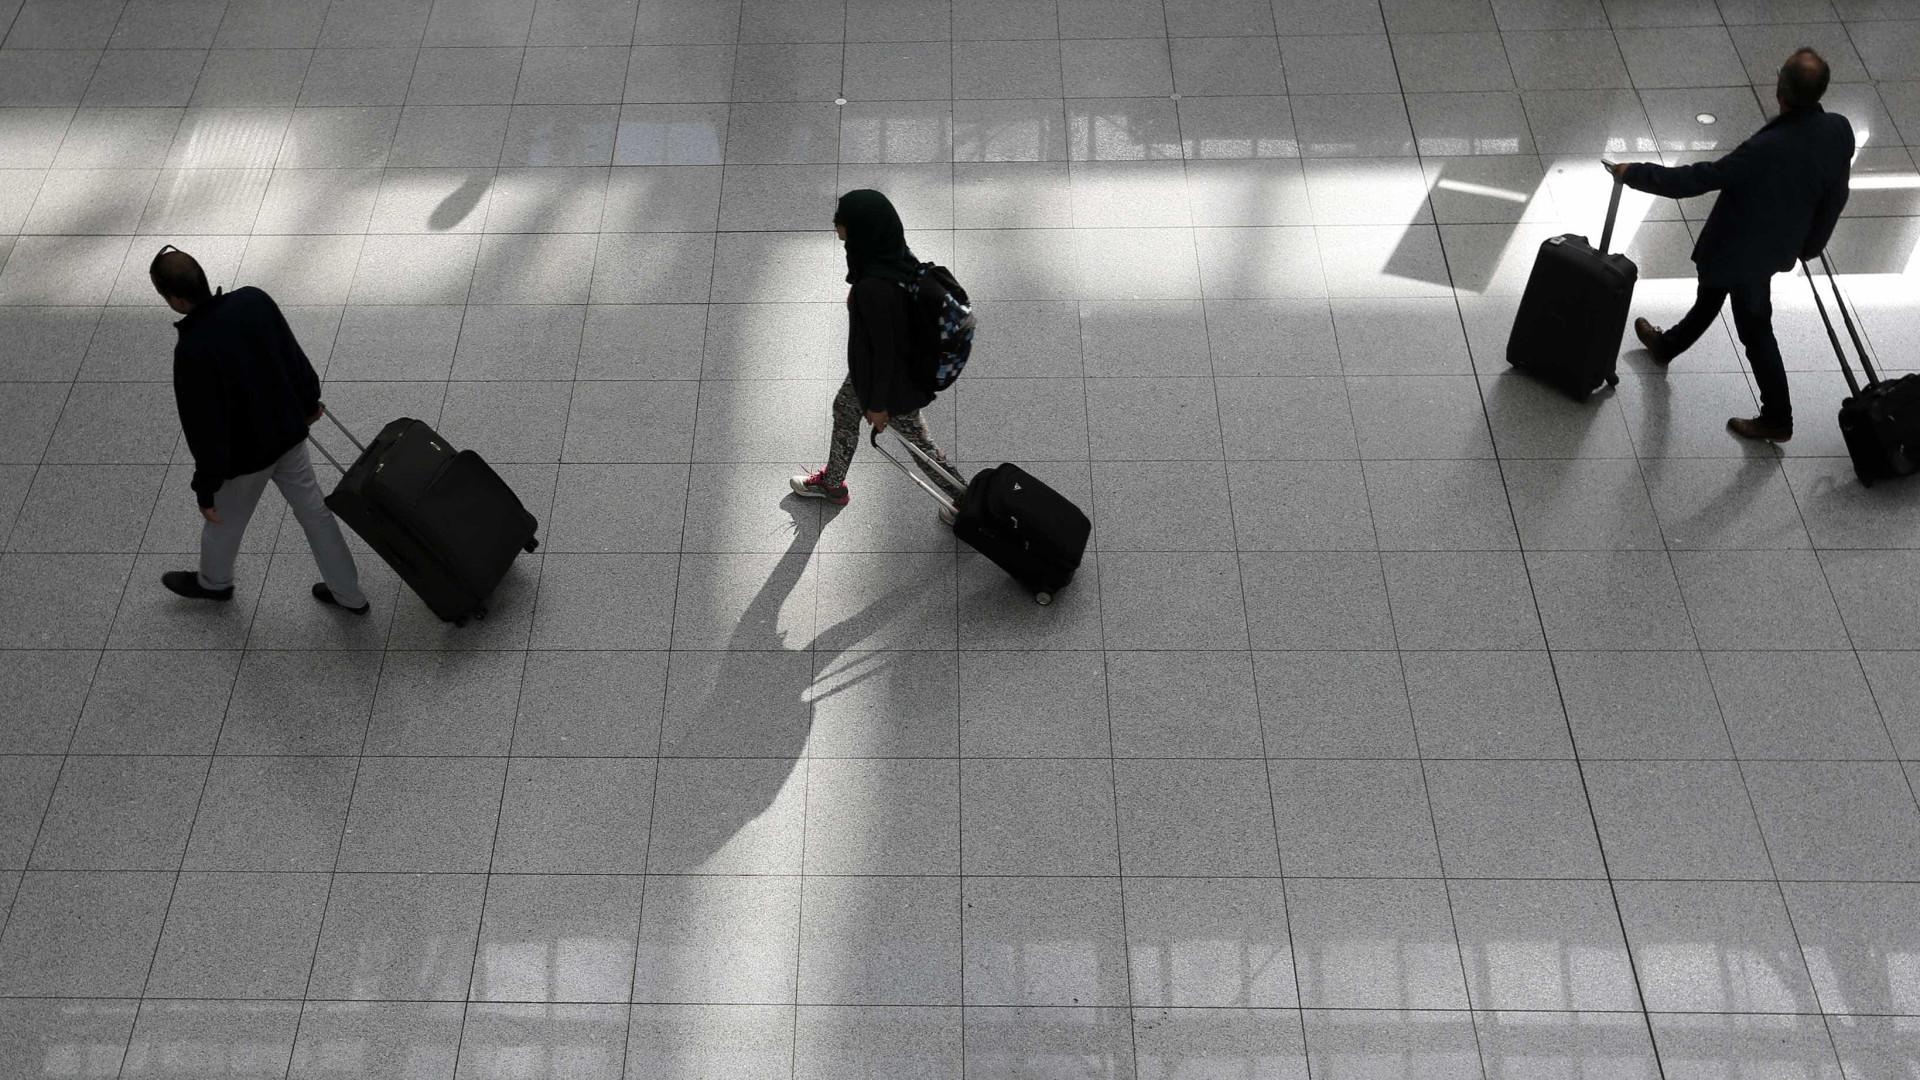 Quase metade dos viajantes nacionais confia na TAP